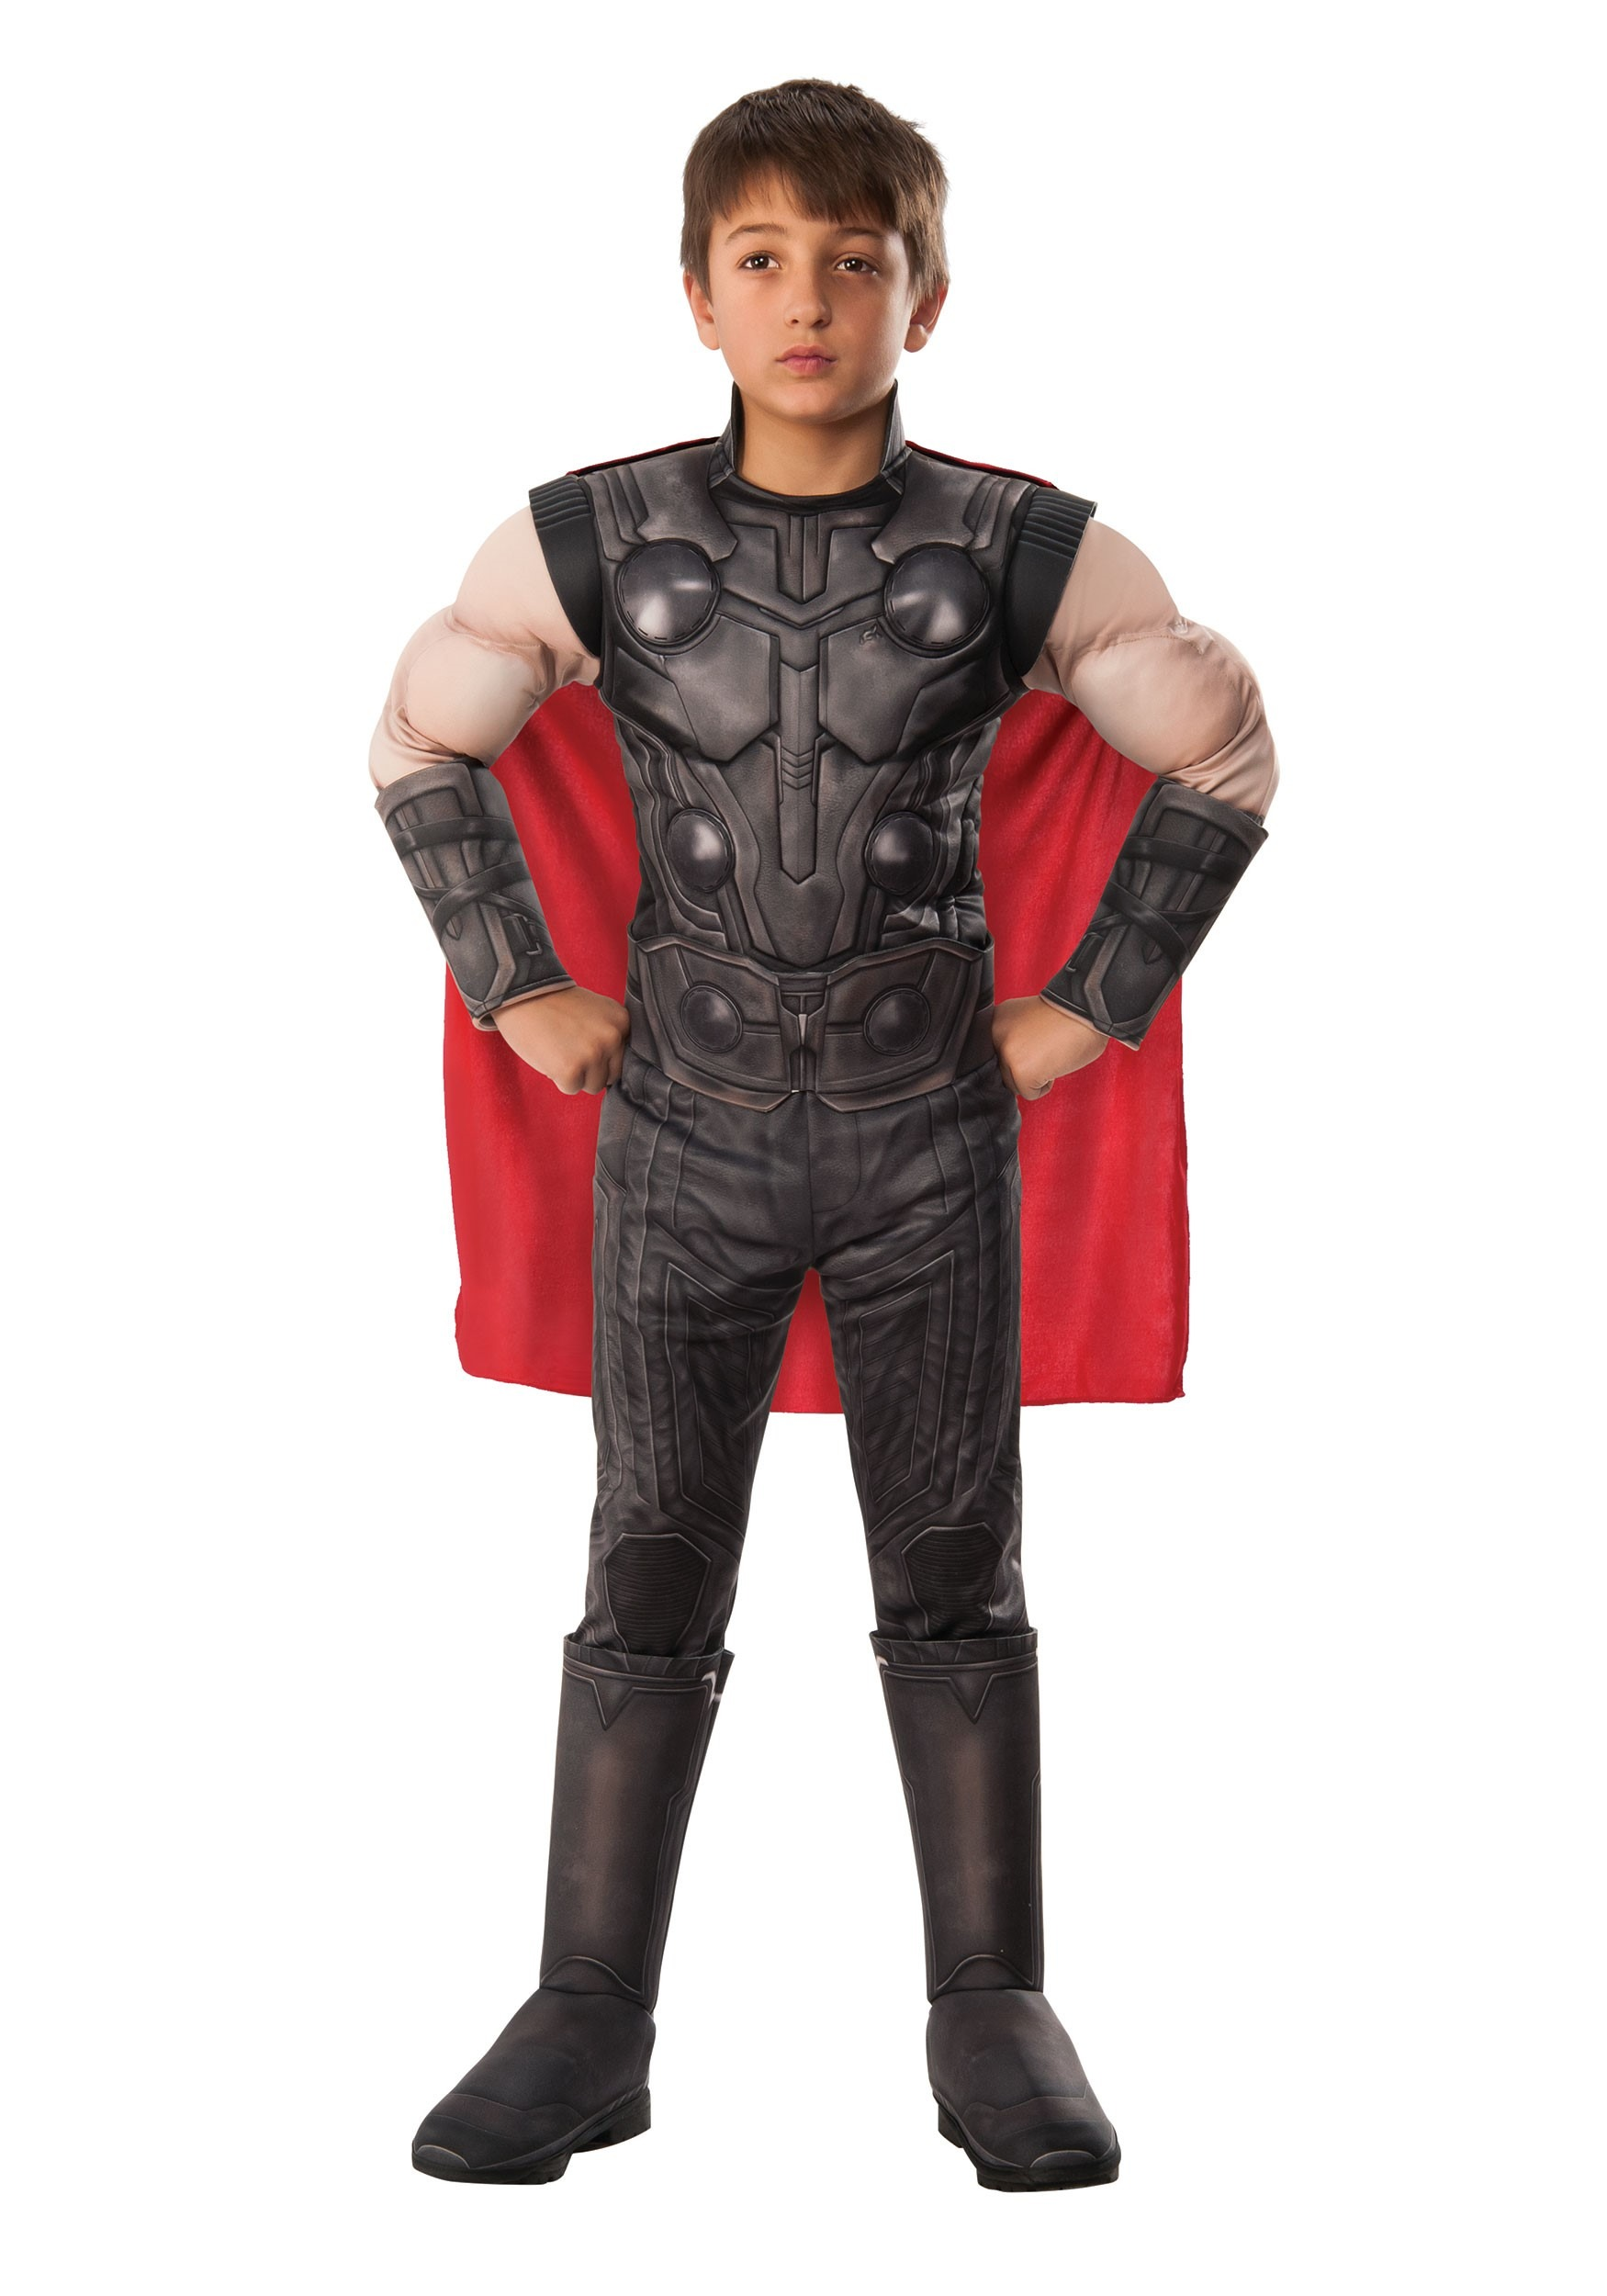 Avengers Endgame Deluxe Thor Costume for Boys